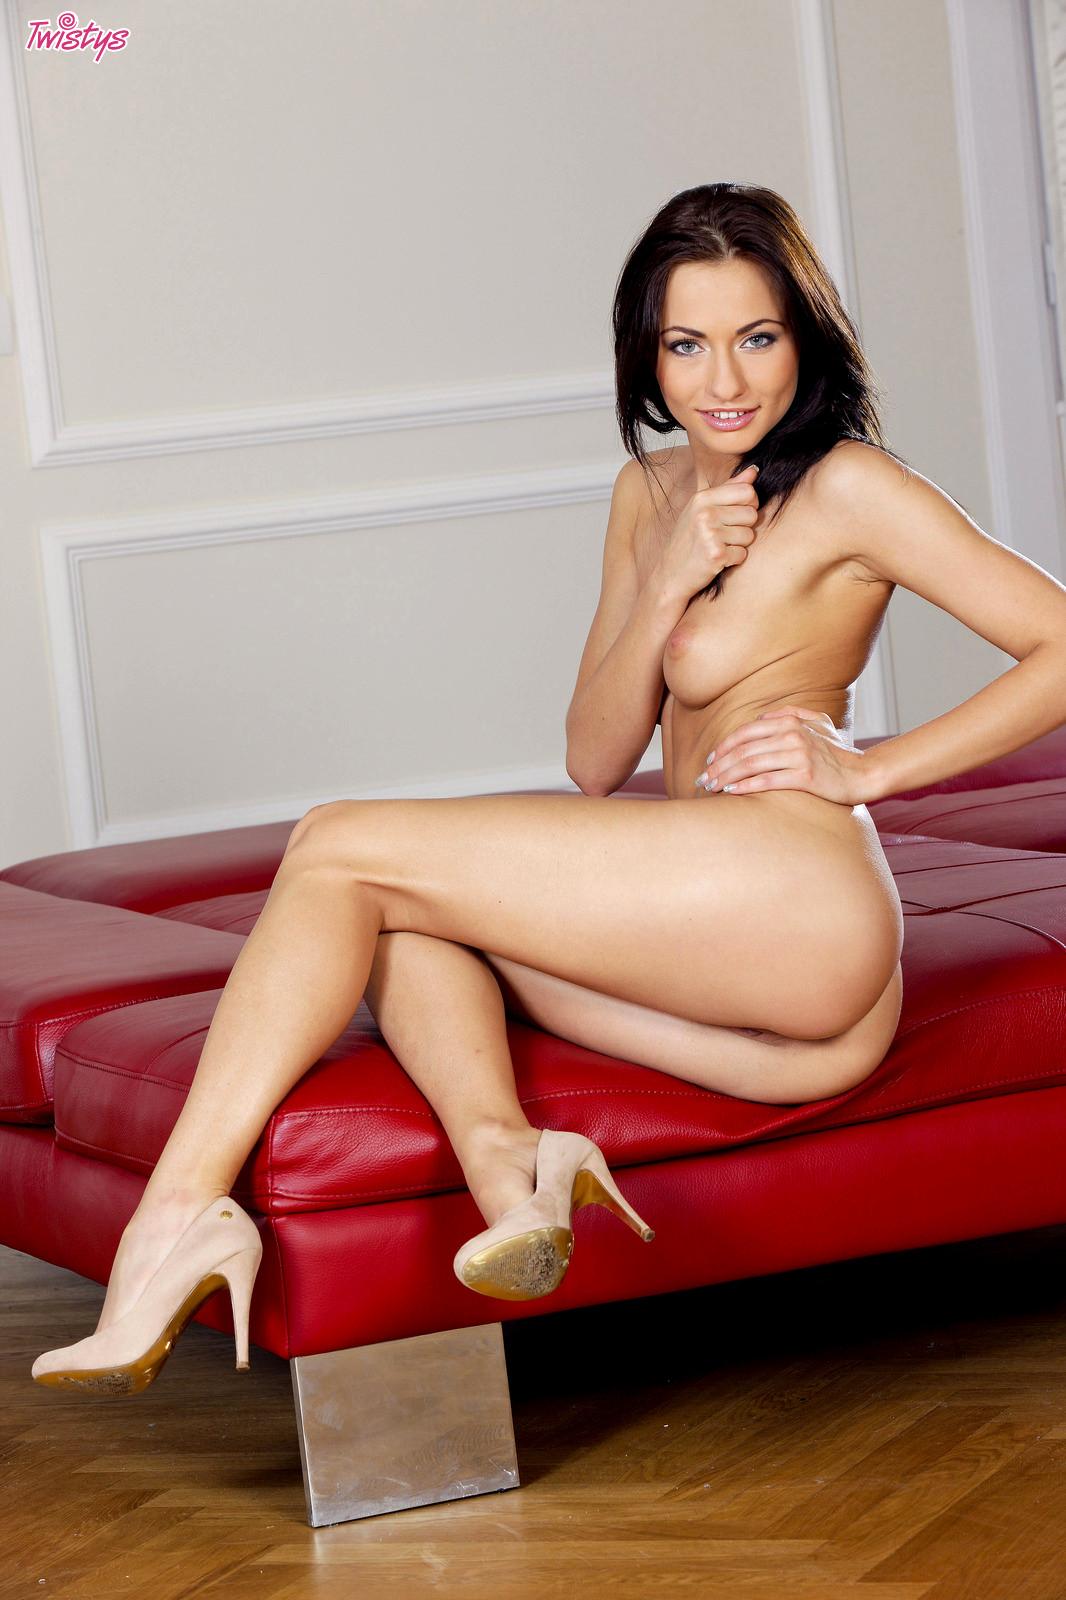 Babe Today Twistys Michaela Isizzu My Legs Premium Xxx -8997